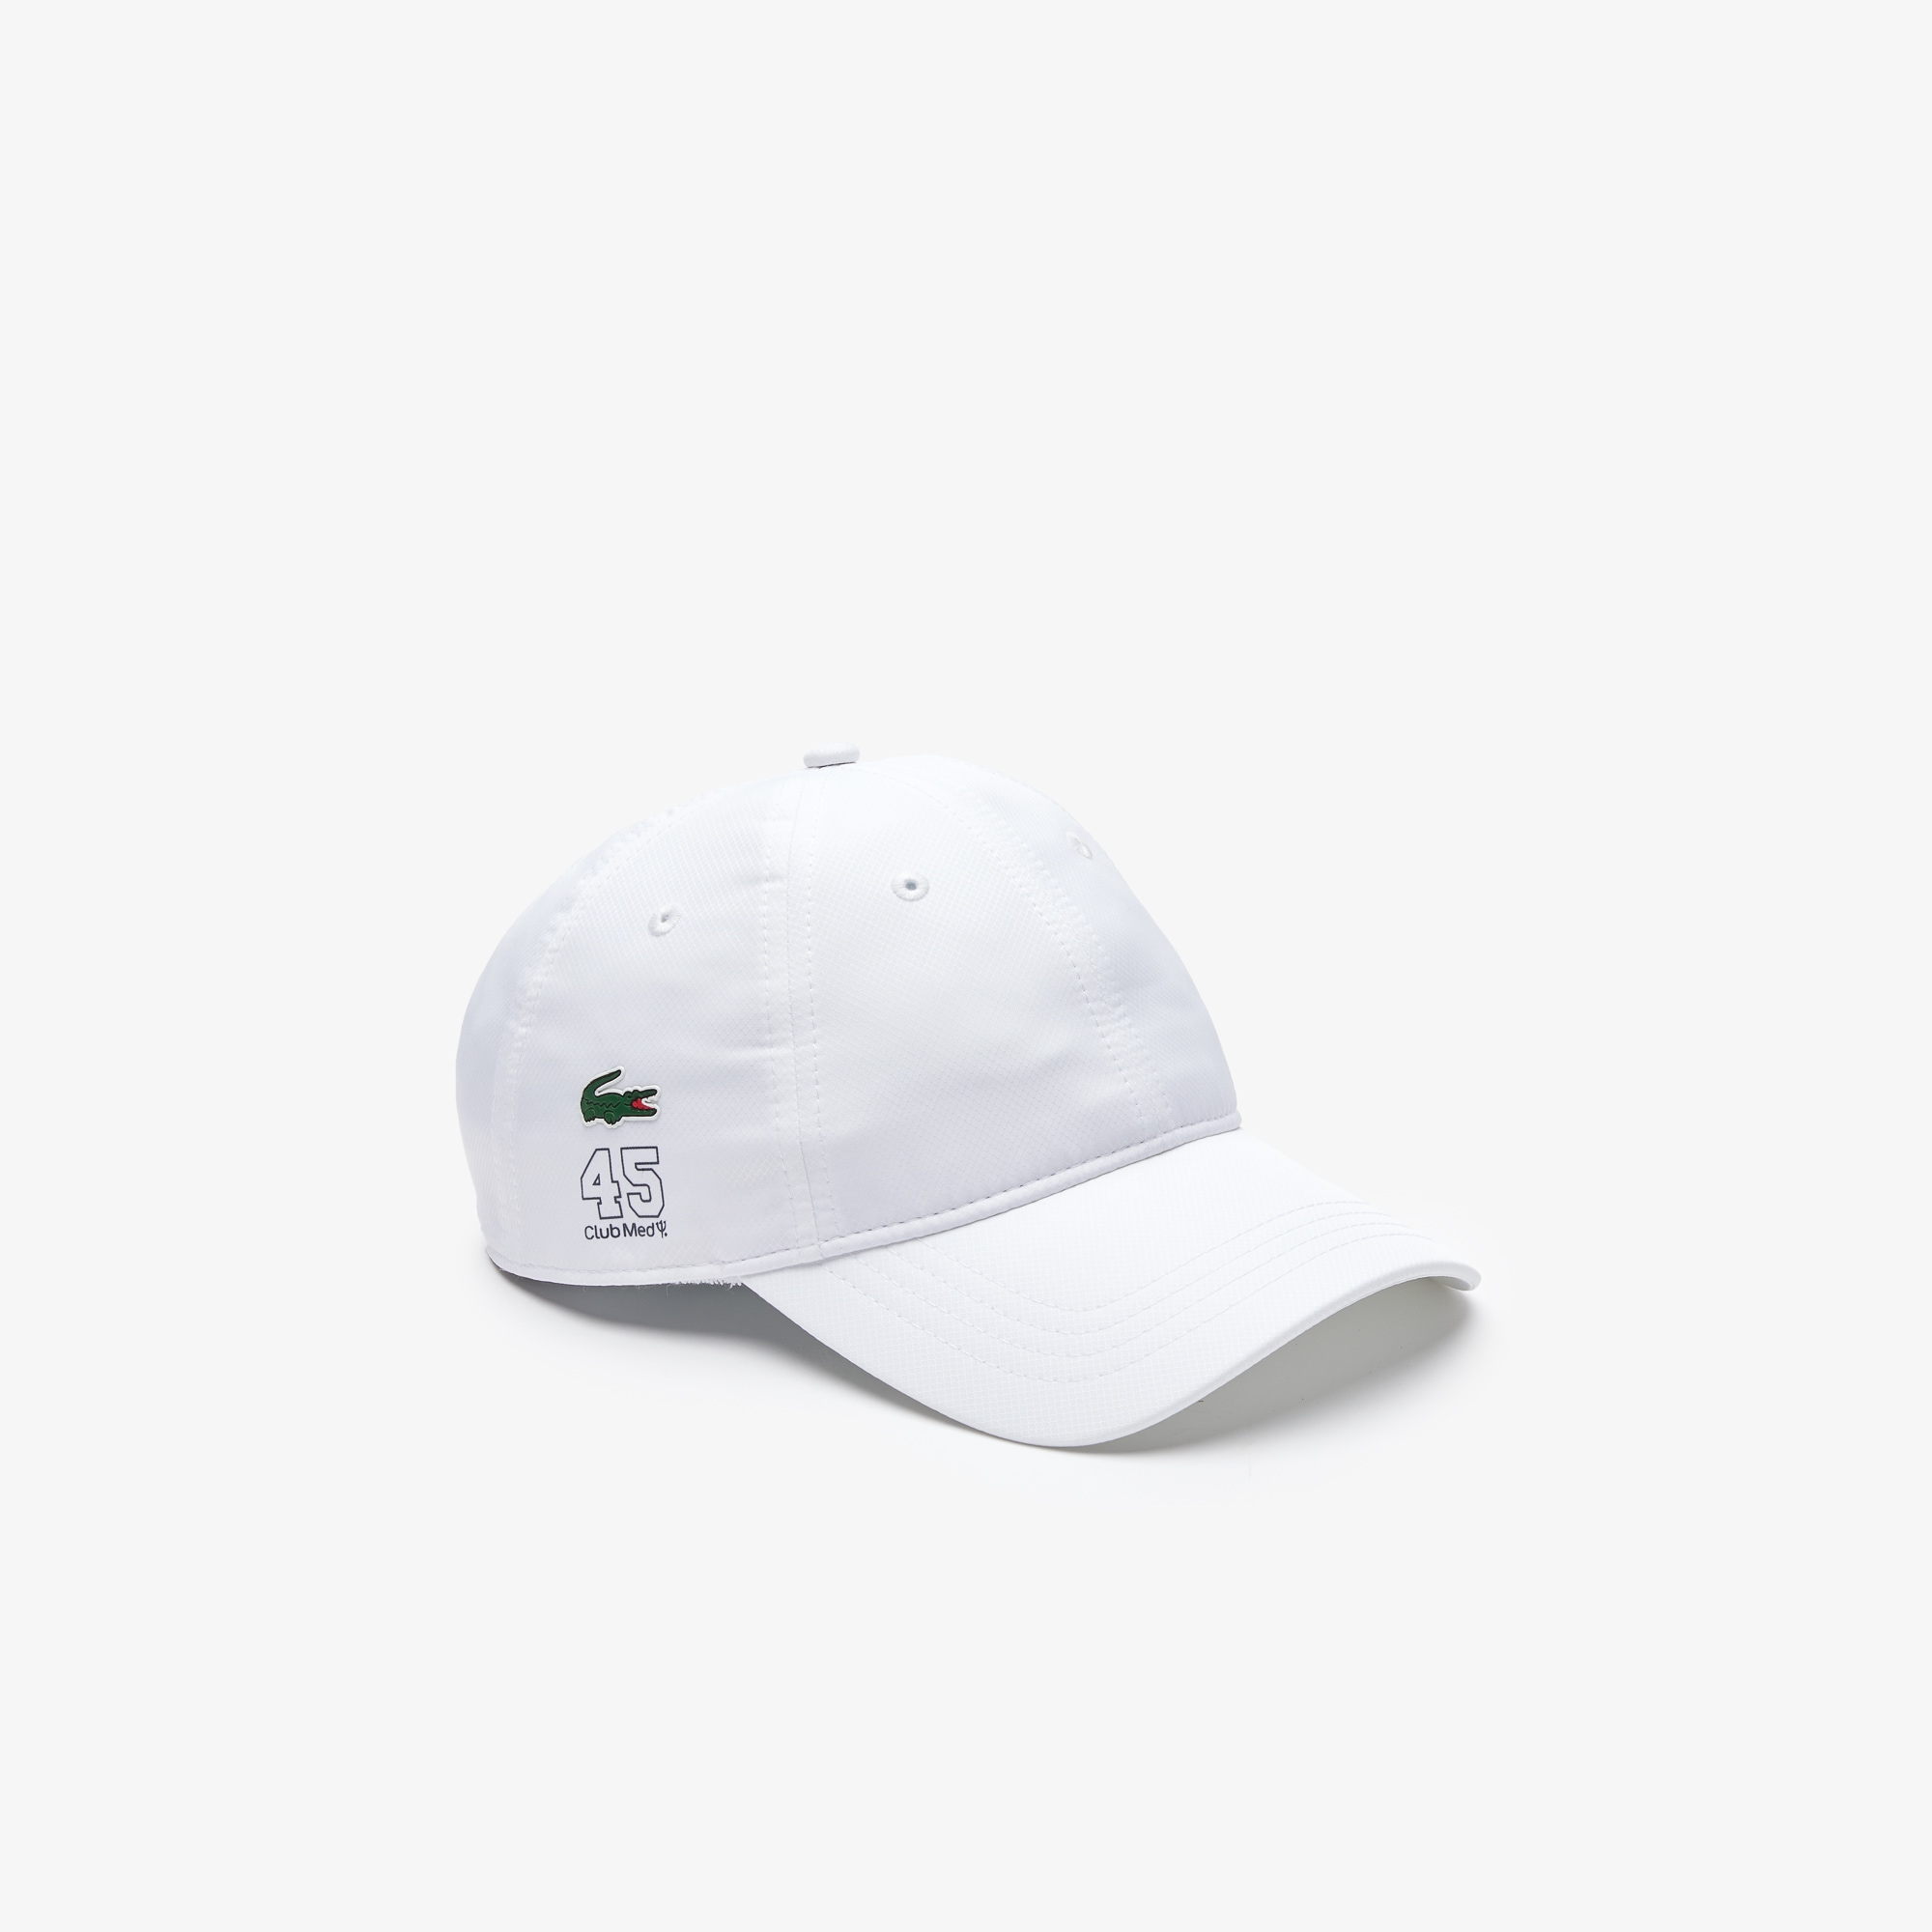 Gorras y sombreros  e4df20297f7